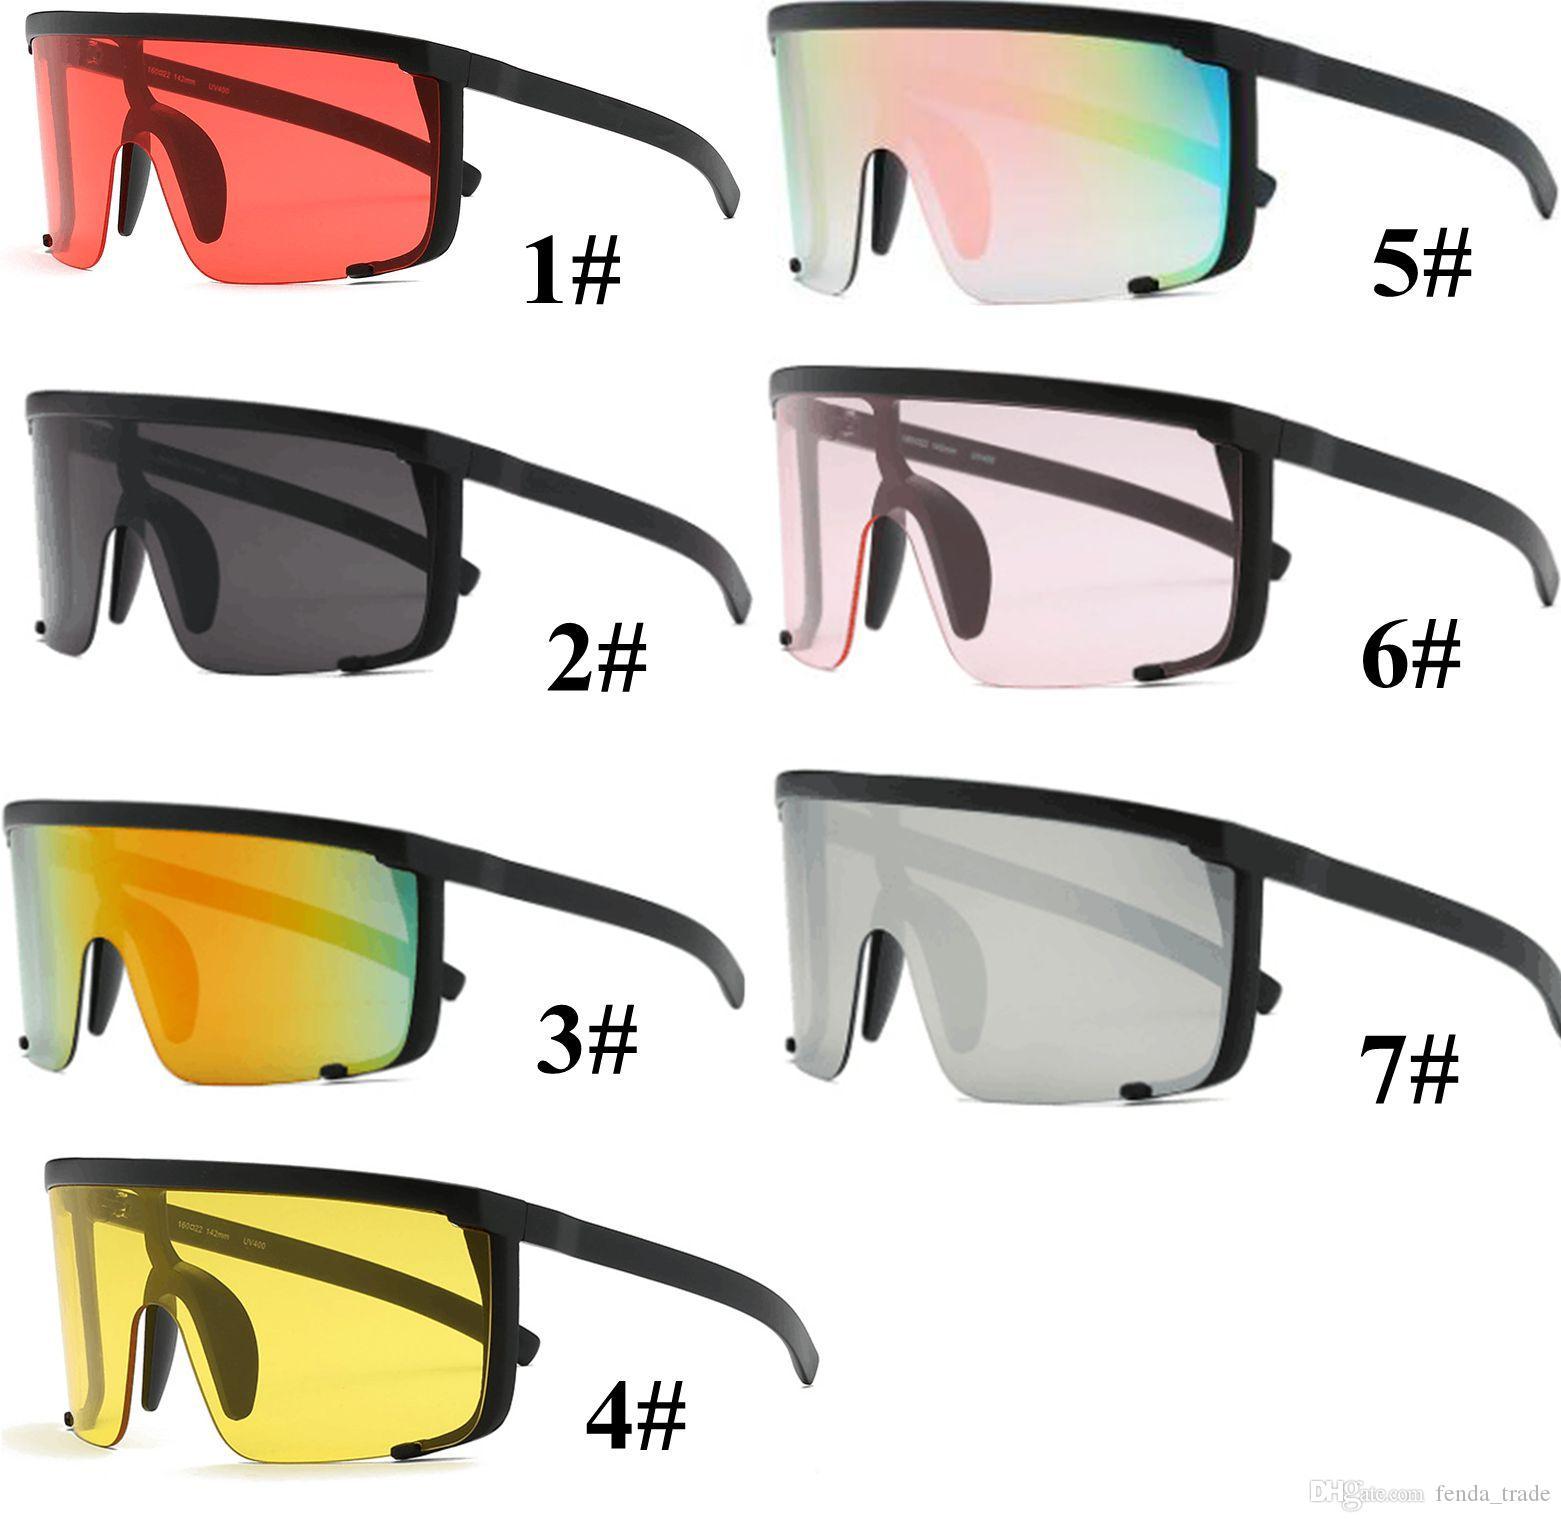 Unisex Do Vintage Óculos De Sol Retro Oversize Sunglasses mulheres Steampunk Espelho rosa óculos de sol dos homens Vermelho amarelo Claro lente Óculos de proteção 10 pcs